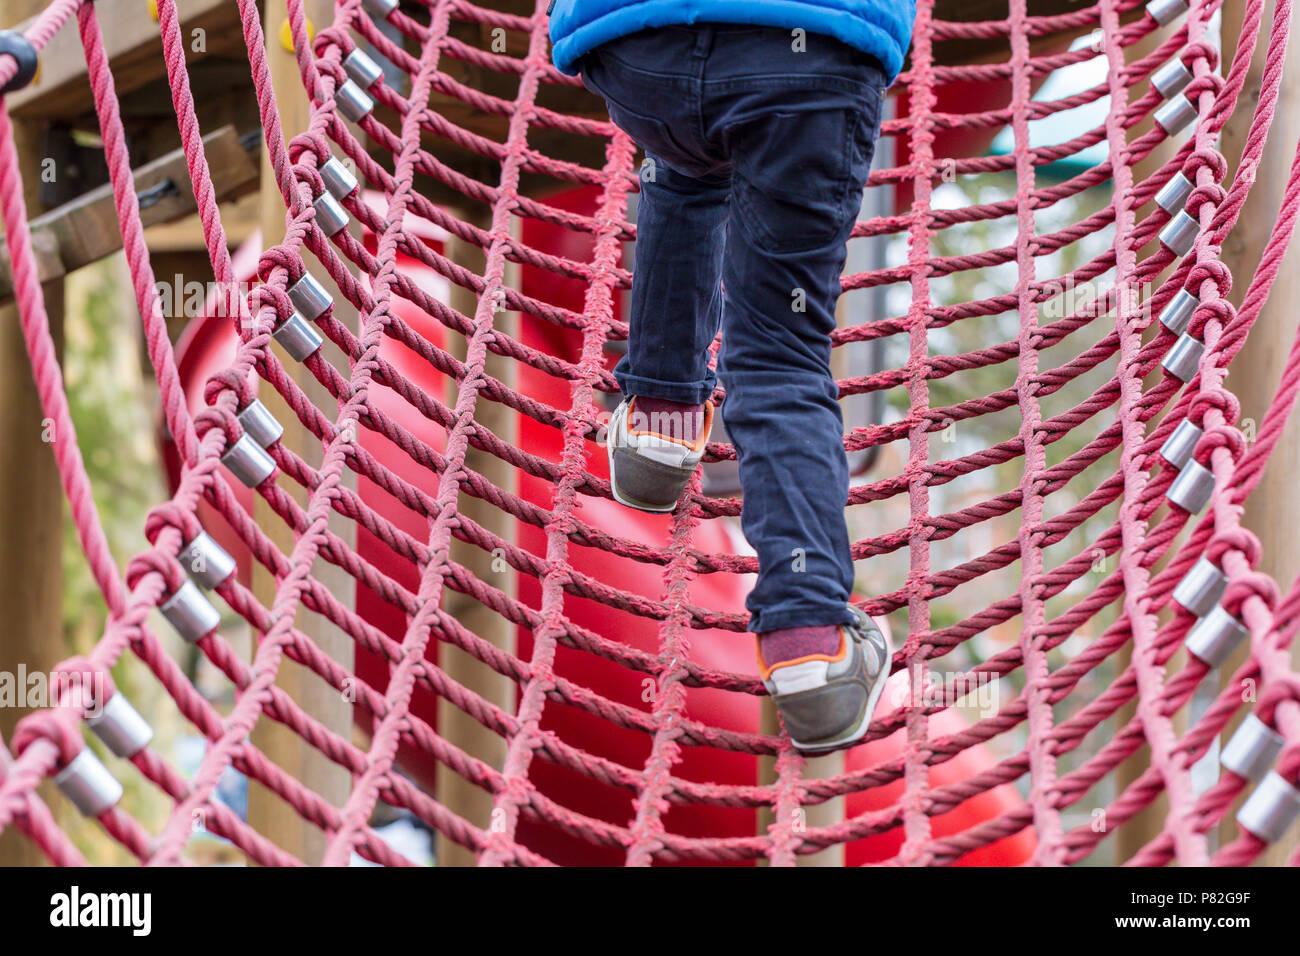 Klettergerüst Wohnzimmer : Junge kind spielen auf einem seil klettergerüst in battersea park